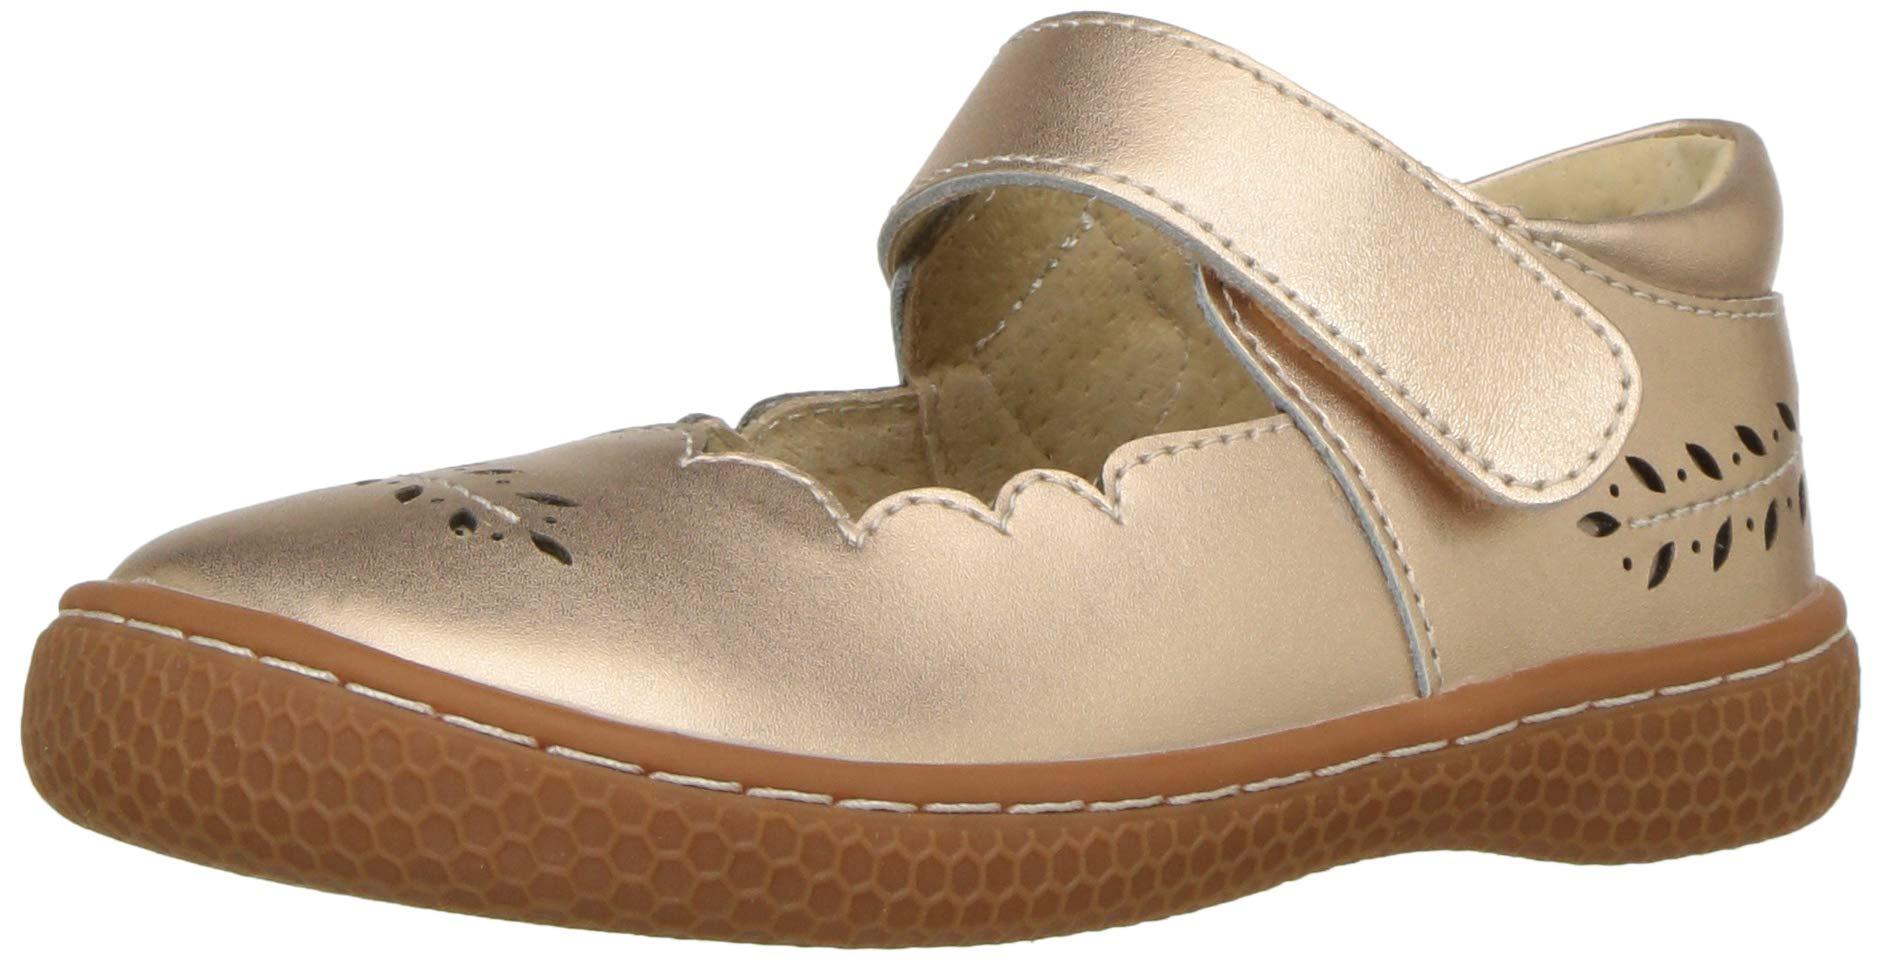 Livie & Luca Juniper Leather Mary Jane Flat Shoes, Toddler/Little Kid, Girls